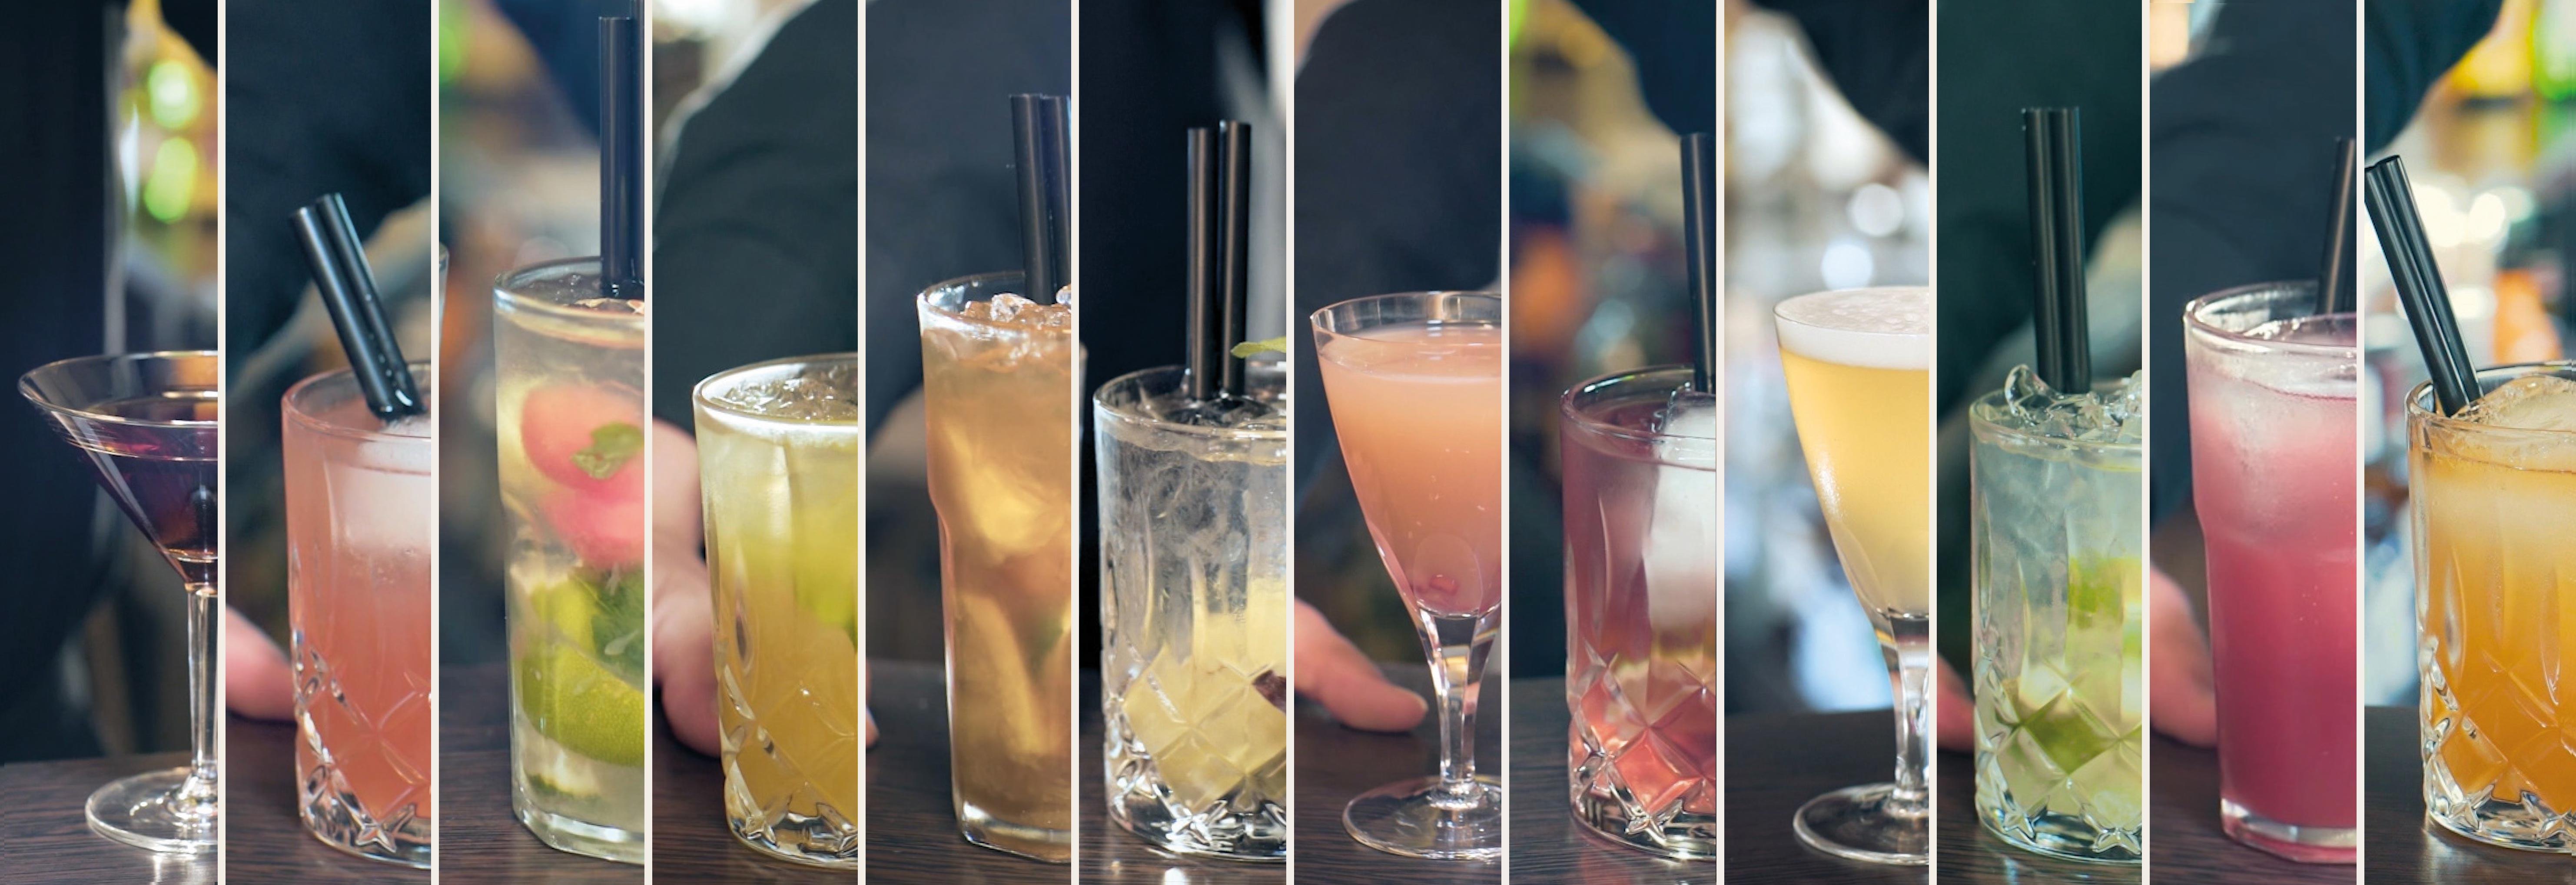 Das Gute Trinken. - KIEKSTE - Medienproduktion